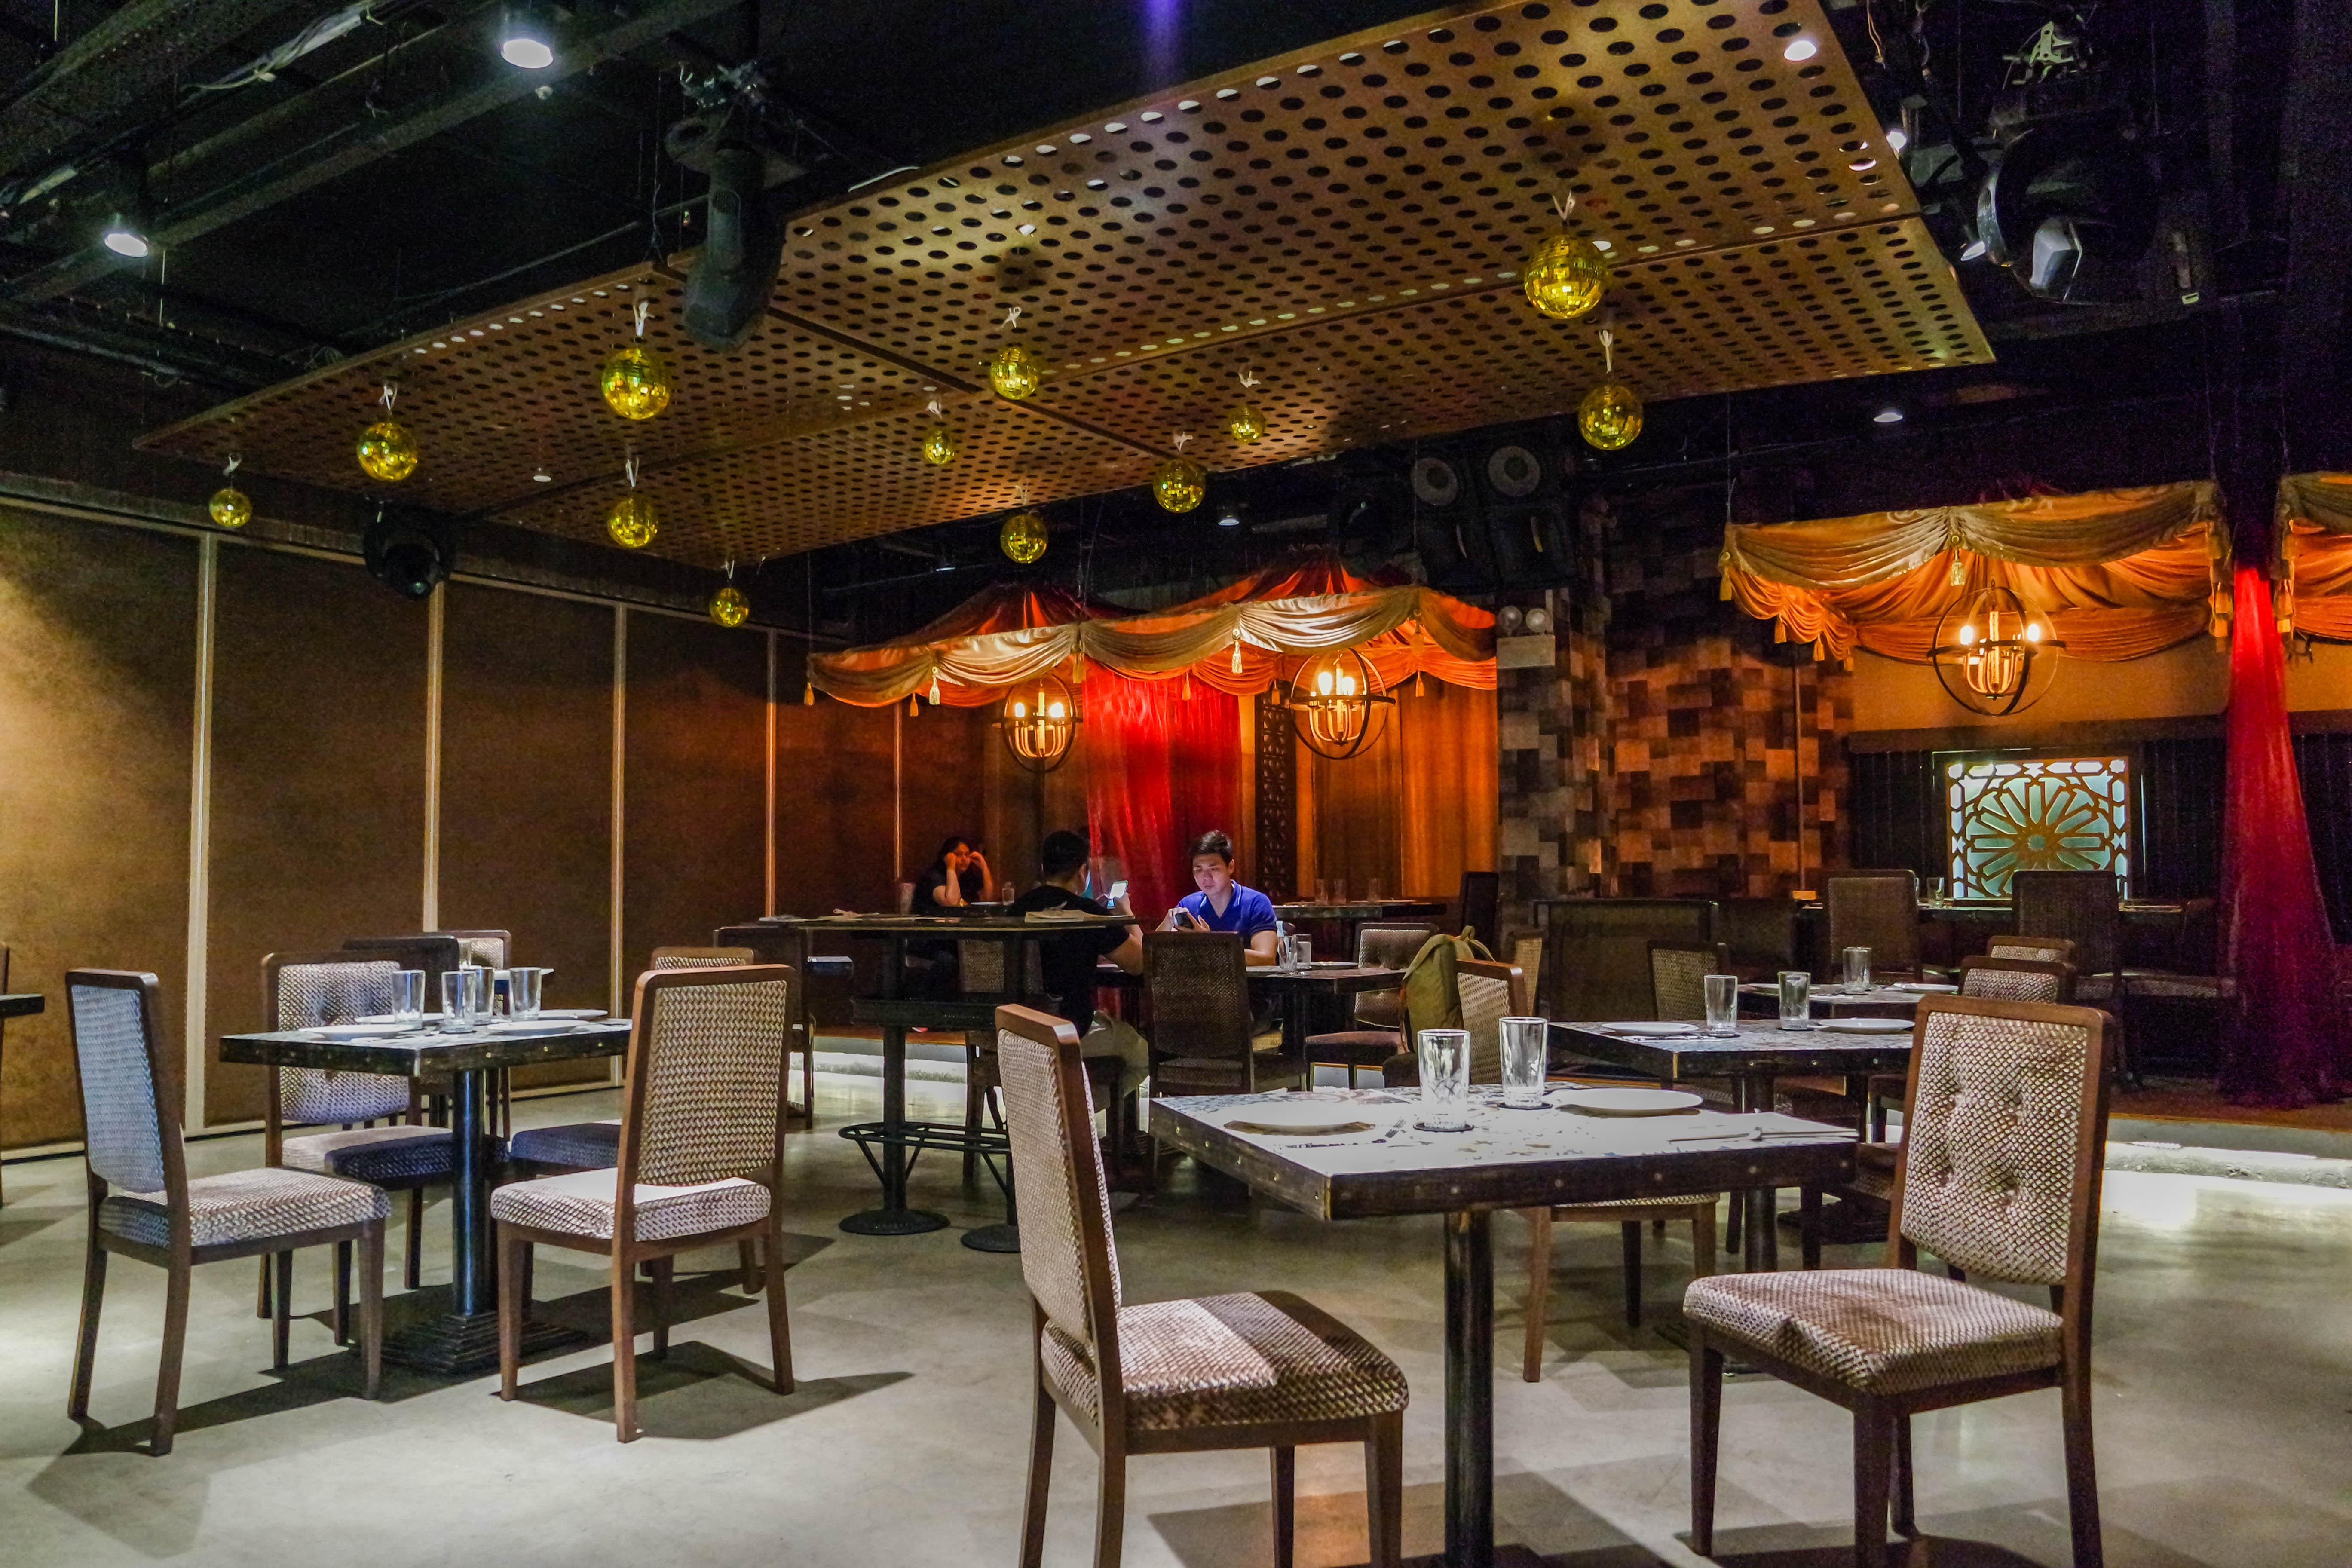 Aryaa-restaurant-4692